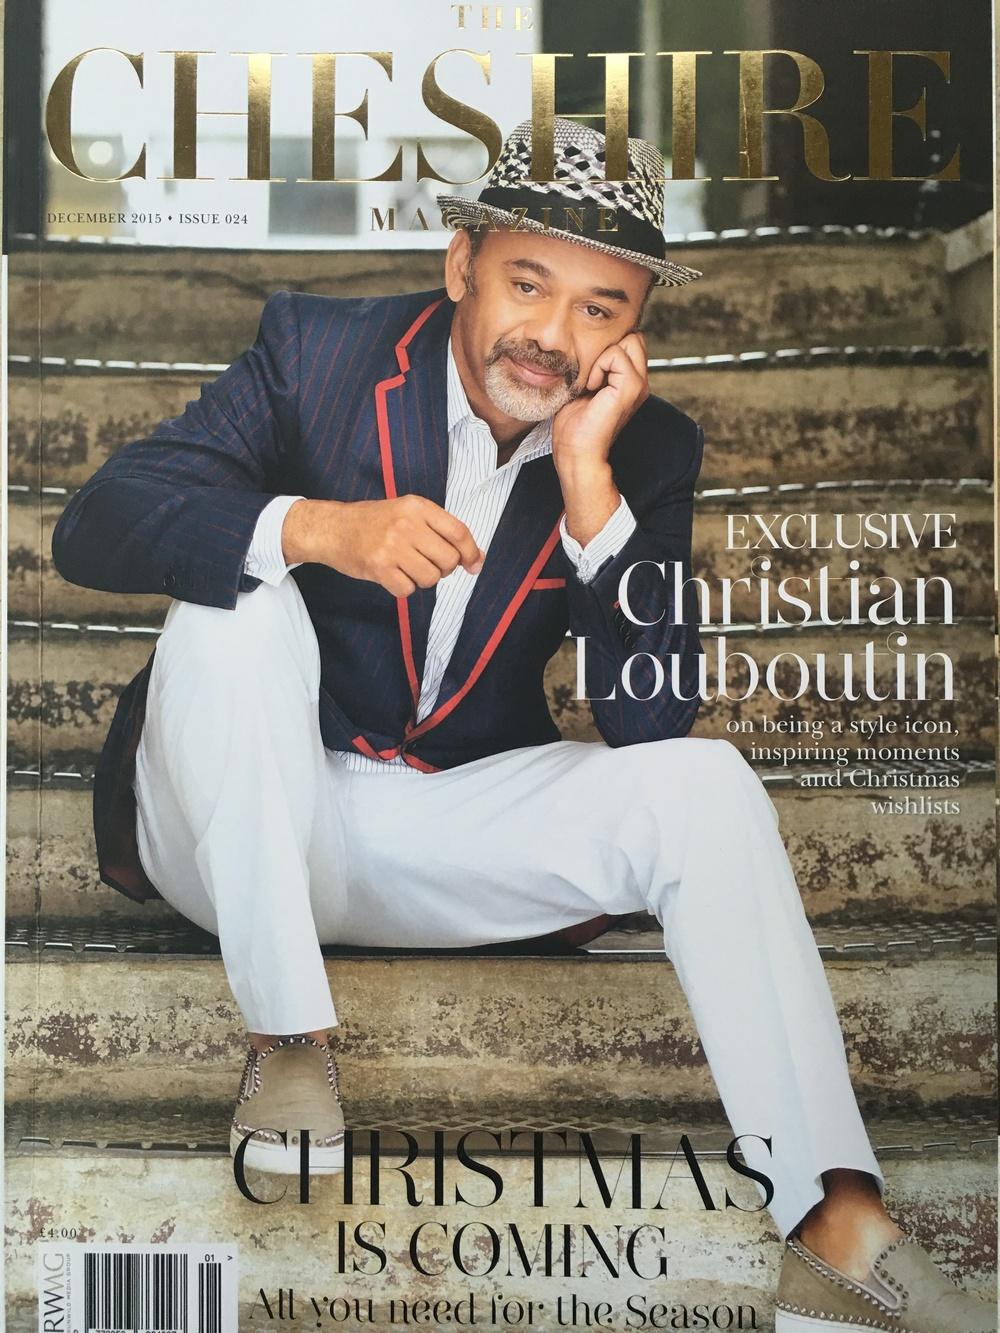 The Cheshire Magazine December 2015